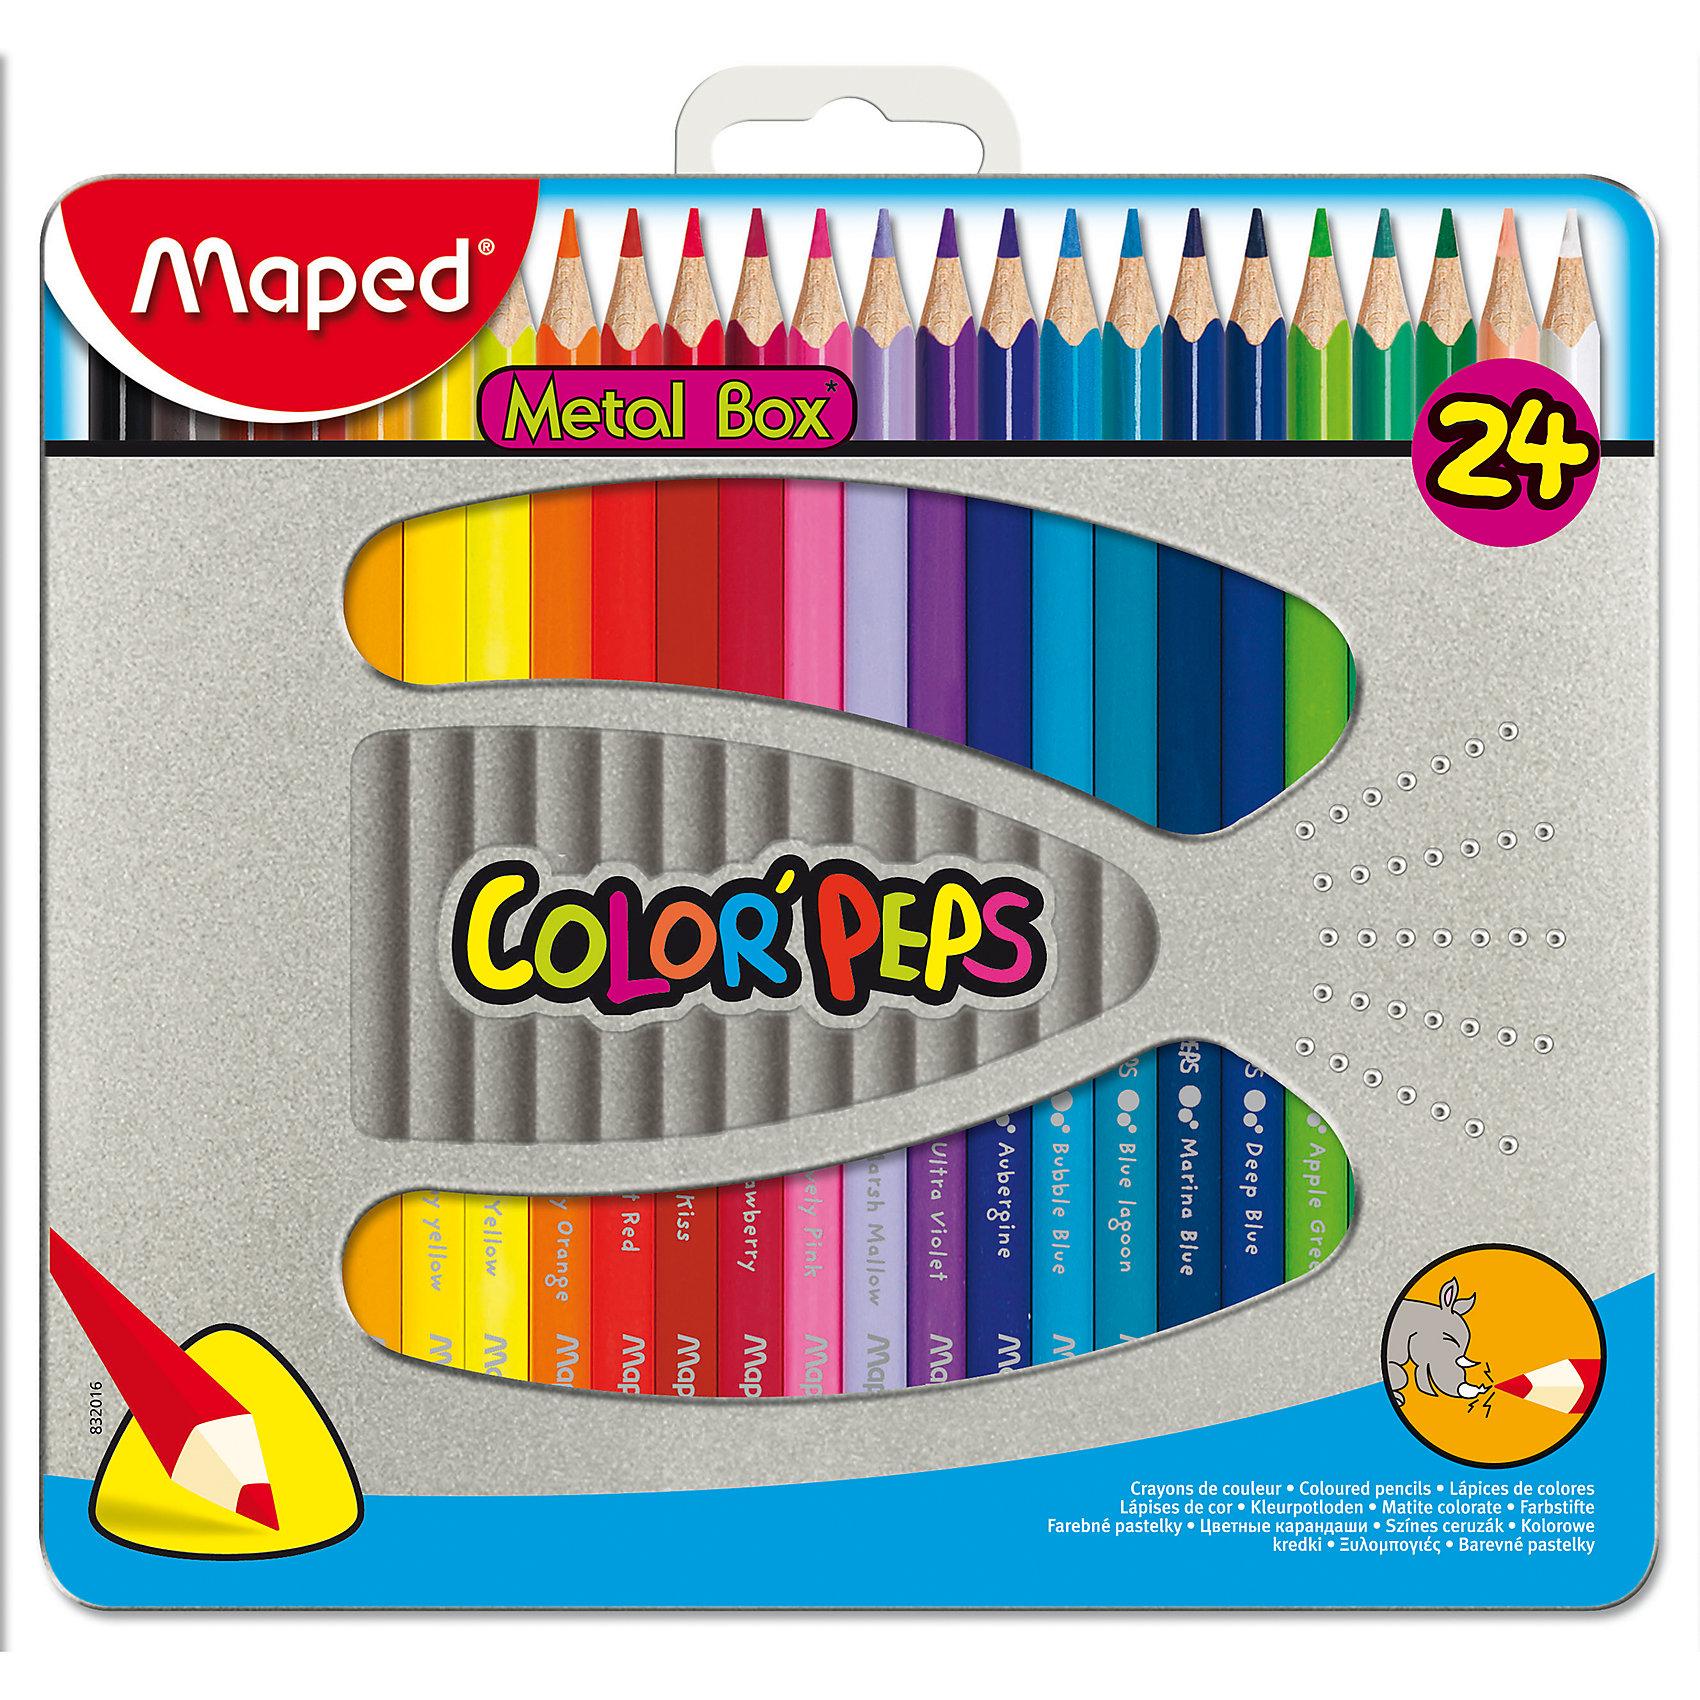 Набор цветных карандашей COLORPEPS, 24 цв.Набор цветных карандашей COLORPEPS, 24 цв. от марки Maped<br><br>Эти карандаши созданы компанией Maped для комфортного и легкого рисования. Легко затачиваются, при этом грифель очень устойчив к поломкам. Цвета яркие, линия мягкая и однородная.<br>Грифель - из высококачественного материала. В наборе - 24 карандашей разных цветов. Они отлично лежат в руке благодаря удобной форме и качественному покрытию. Действительно удобный инструмент для рисования. Созданы для ярких картин! Безопасны для детей.<br><br>Особенности данной модели:<br><br>материал корпуса: дерево;<br>комплектация: 24 шт;<br>упаковка: металлический пенал.<br><br>Набор цветных карандашей COLORPEPS, 24 цв. от марки Maped можно купить в нашем магазине.<br><br>Ширина мм: 192<br>Глубина мм: 215<br>Высота мм: 15<br>Вес г: 296<br>Возраст от месяцев: 36<br>Возраст до месяцев: 2147483647<br>Пол: Унисекс<br>Возраст: Детский<br>SKU: 4684743